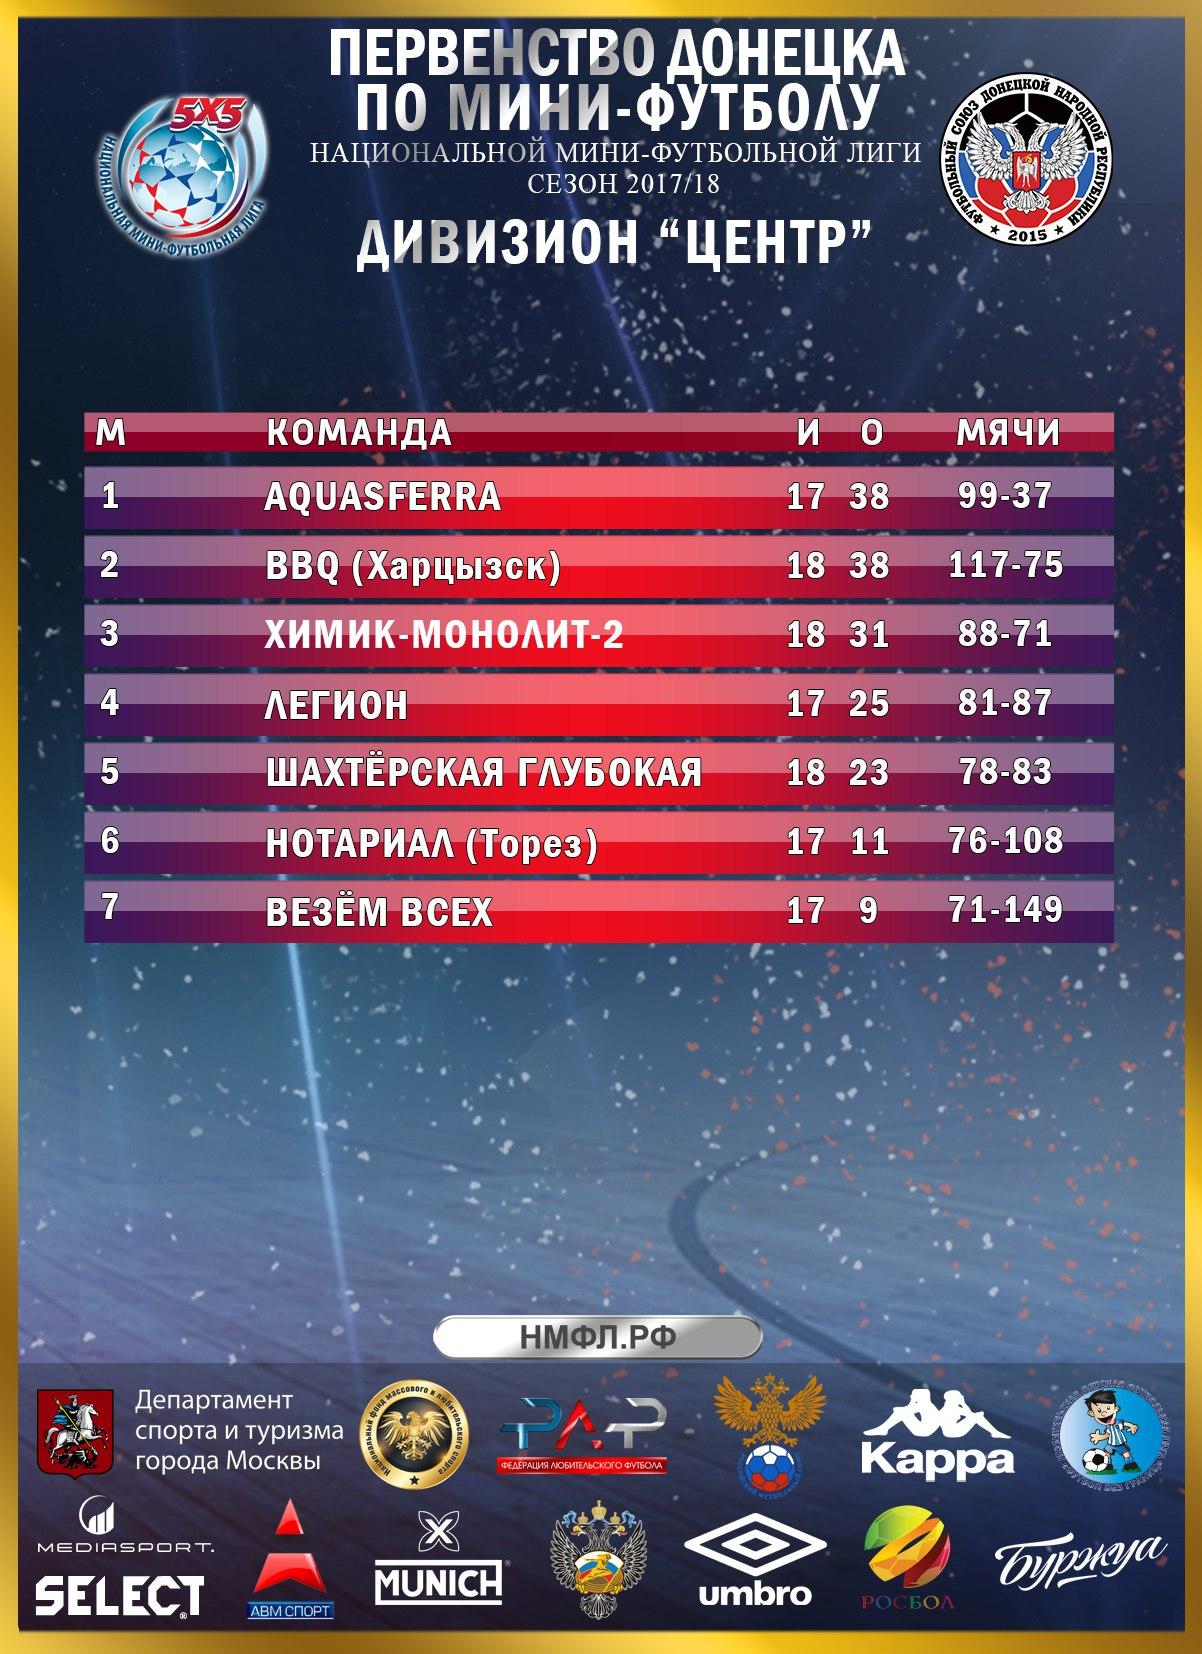 В центральном дивизионе Донецка определилась вся тройка призеров и появился новый лидер в бомбардирской гонке